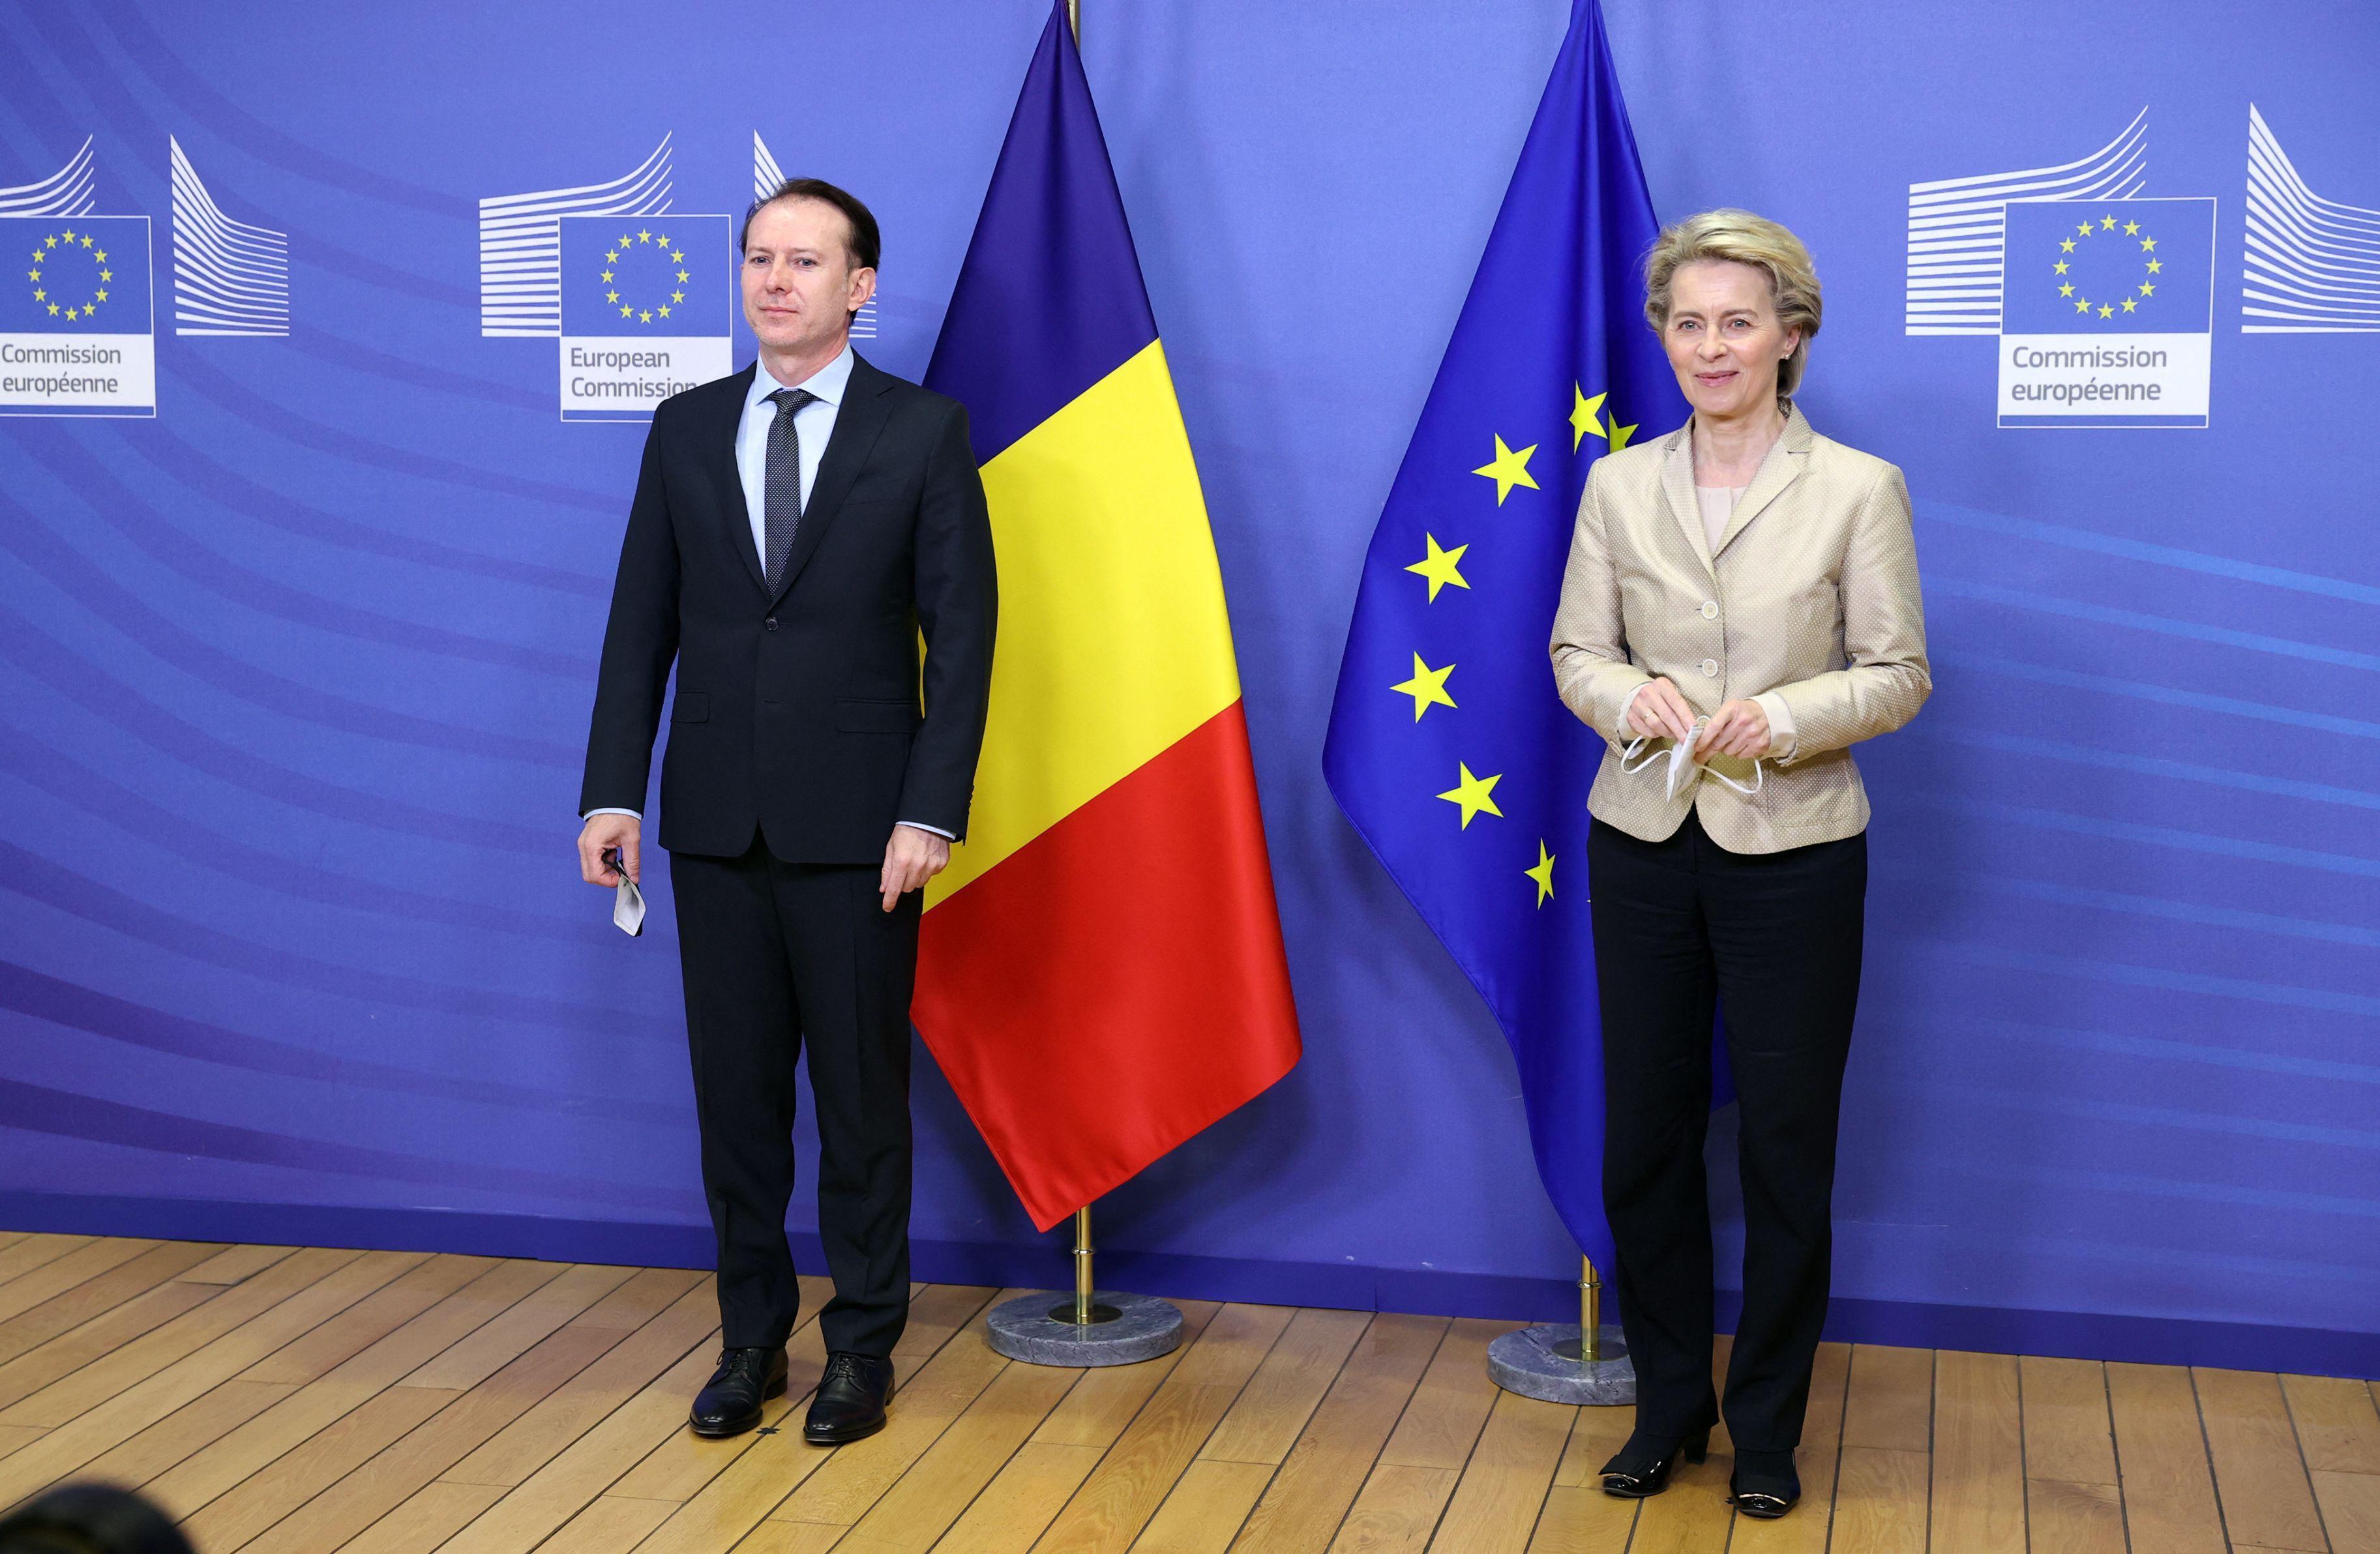 Ursula von der Leyen vine, luni, la Bucureşti pentru finalizarea procesului de evaluare a PNRR. Președinta Comisiei Europene se va întâlni cu Klaus Iohannis și Florin Cîțu